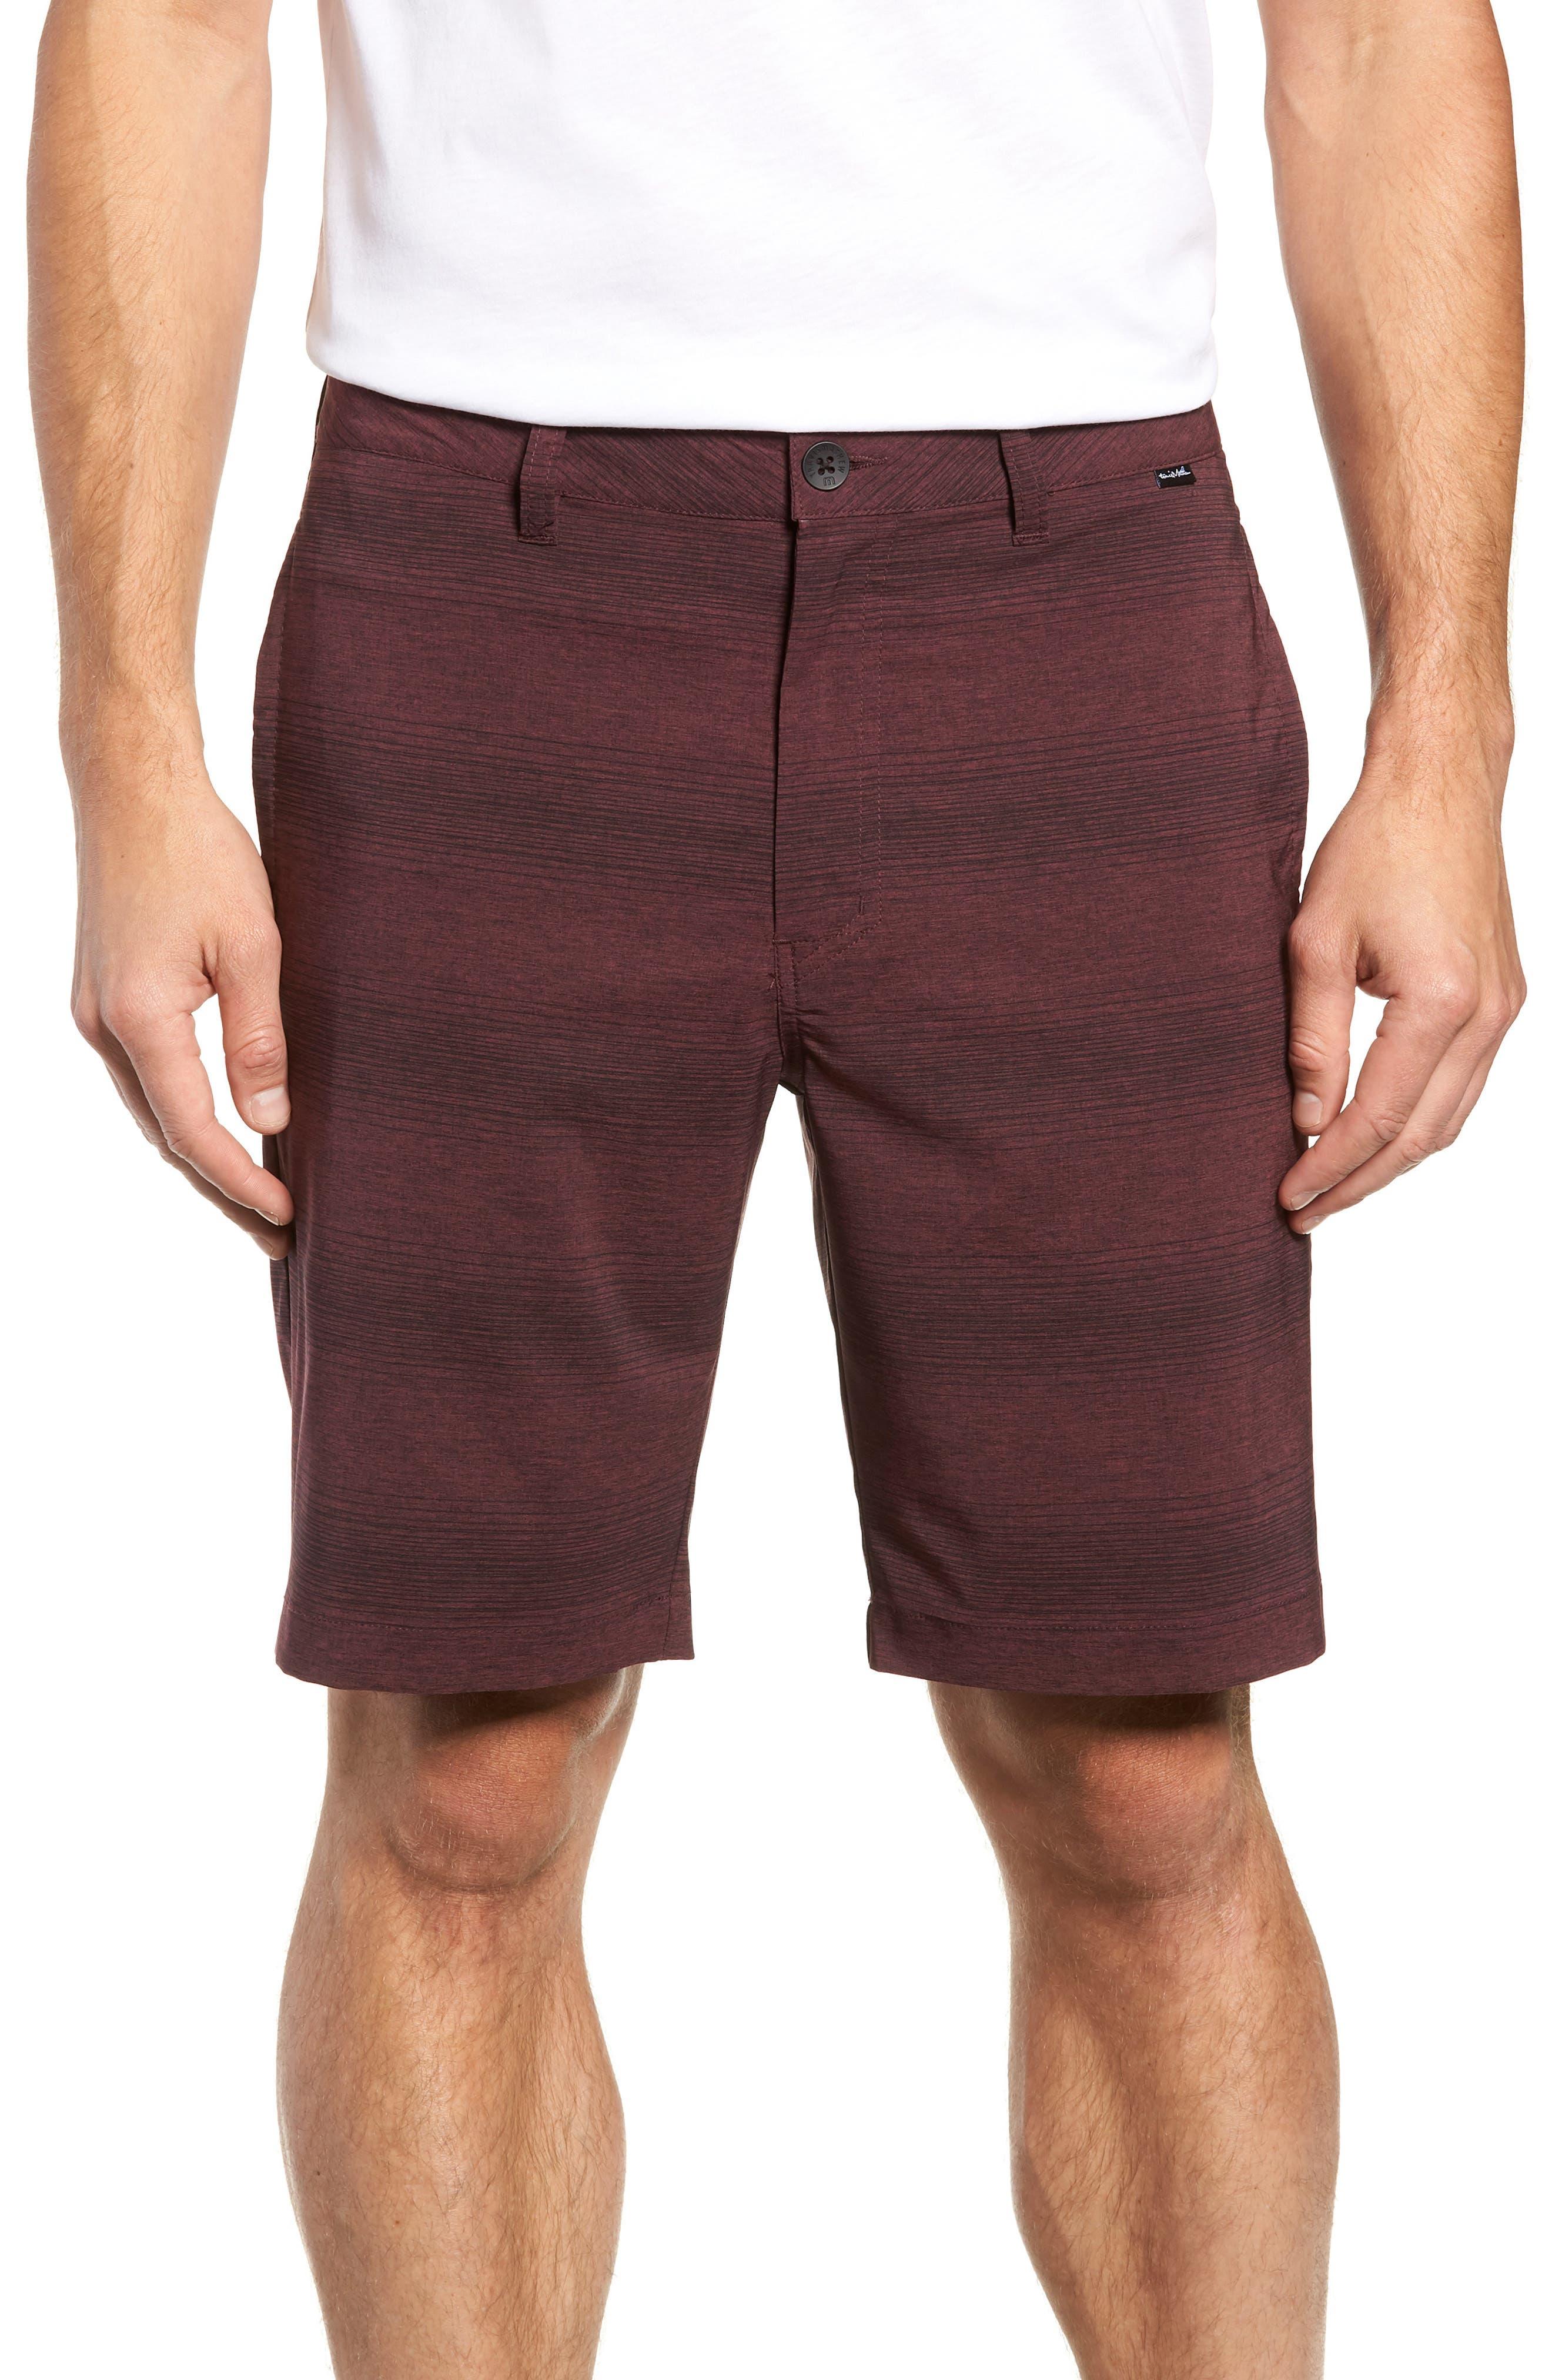 Tepic Shorts,                         Main,                         color, Winetasting/ Black